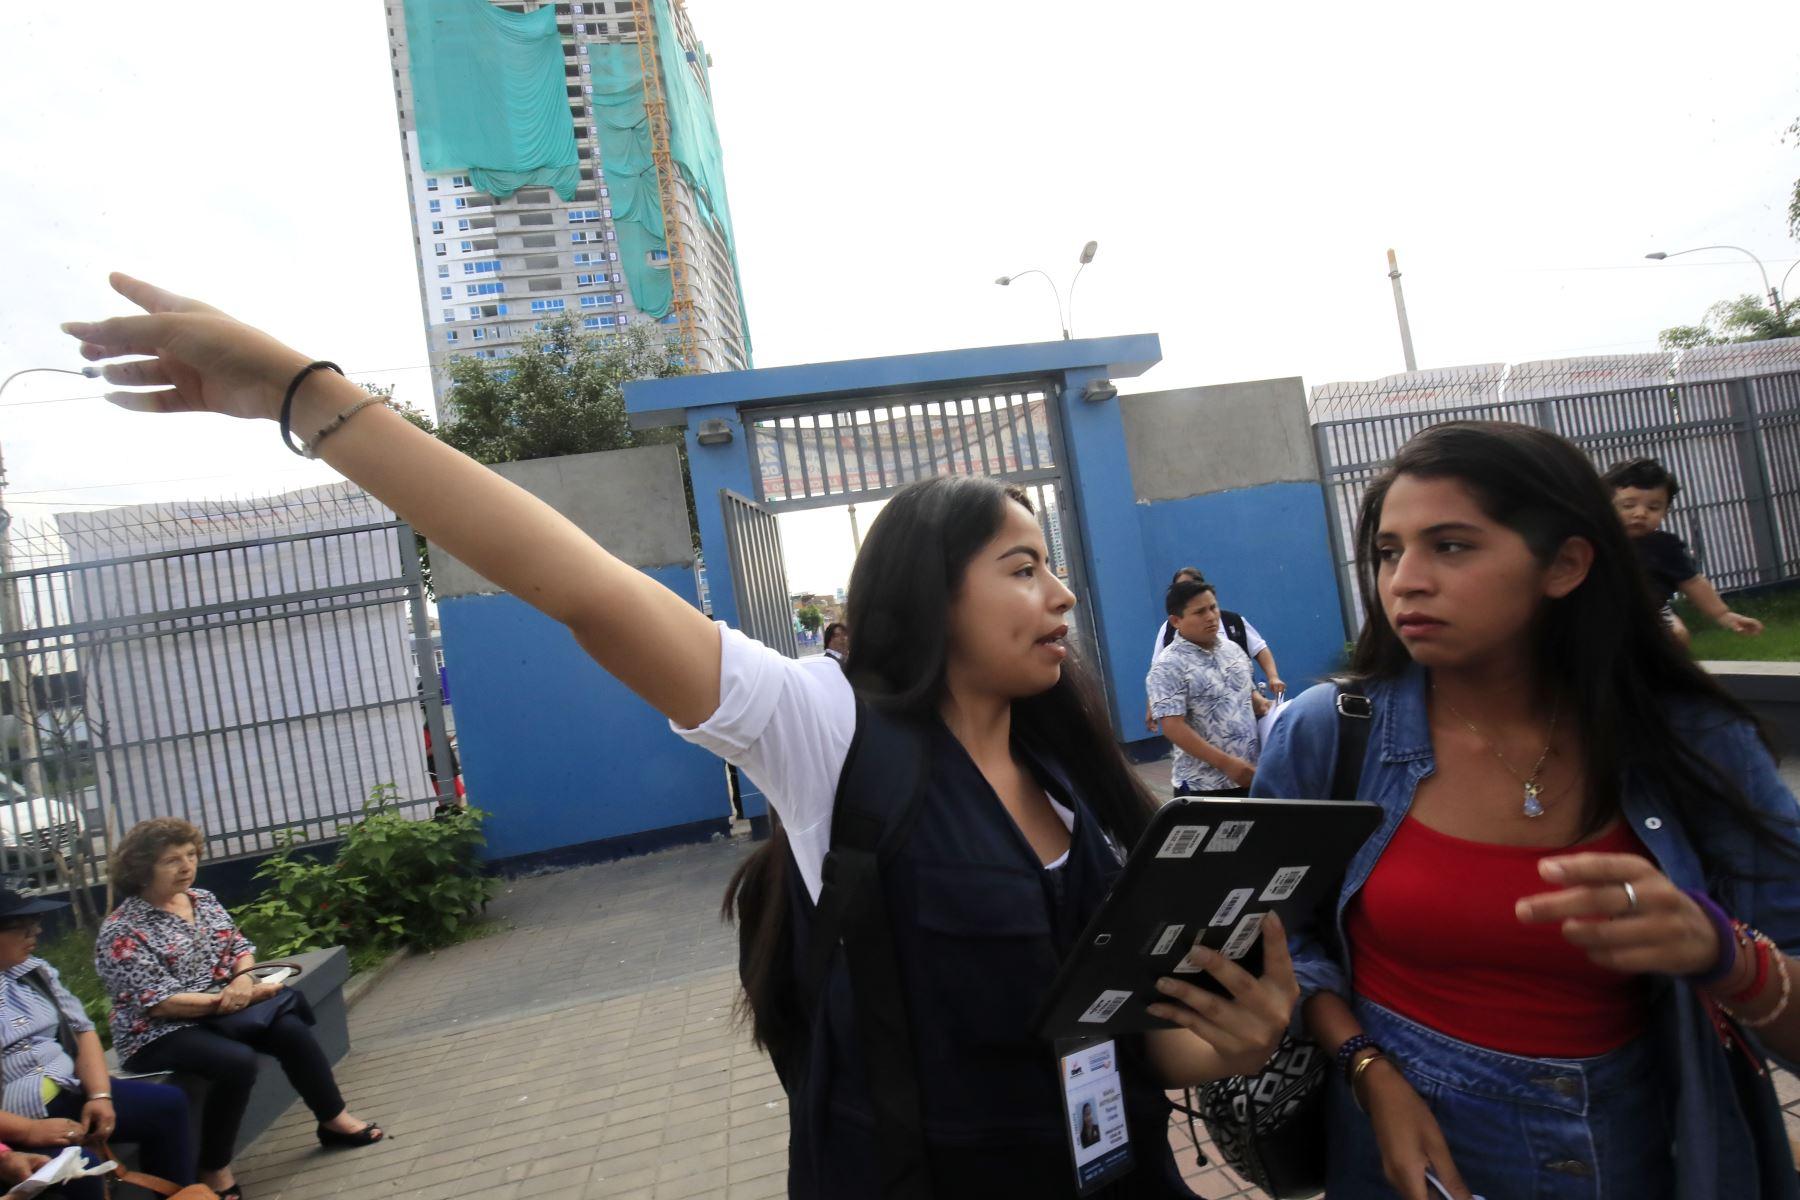 Primeros electores llegan al centro educativo Melitón Carvajal para emitir su voto en las Elecciones Congresales Extraordinarias 2020. Foto: ANDINA/Juan Carlos Guzmán.